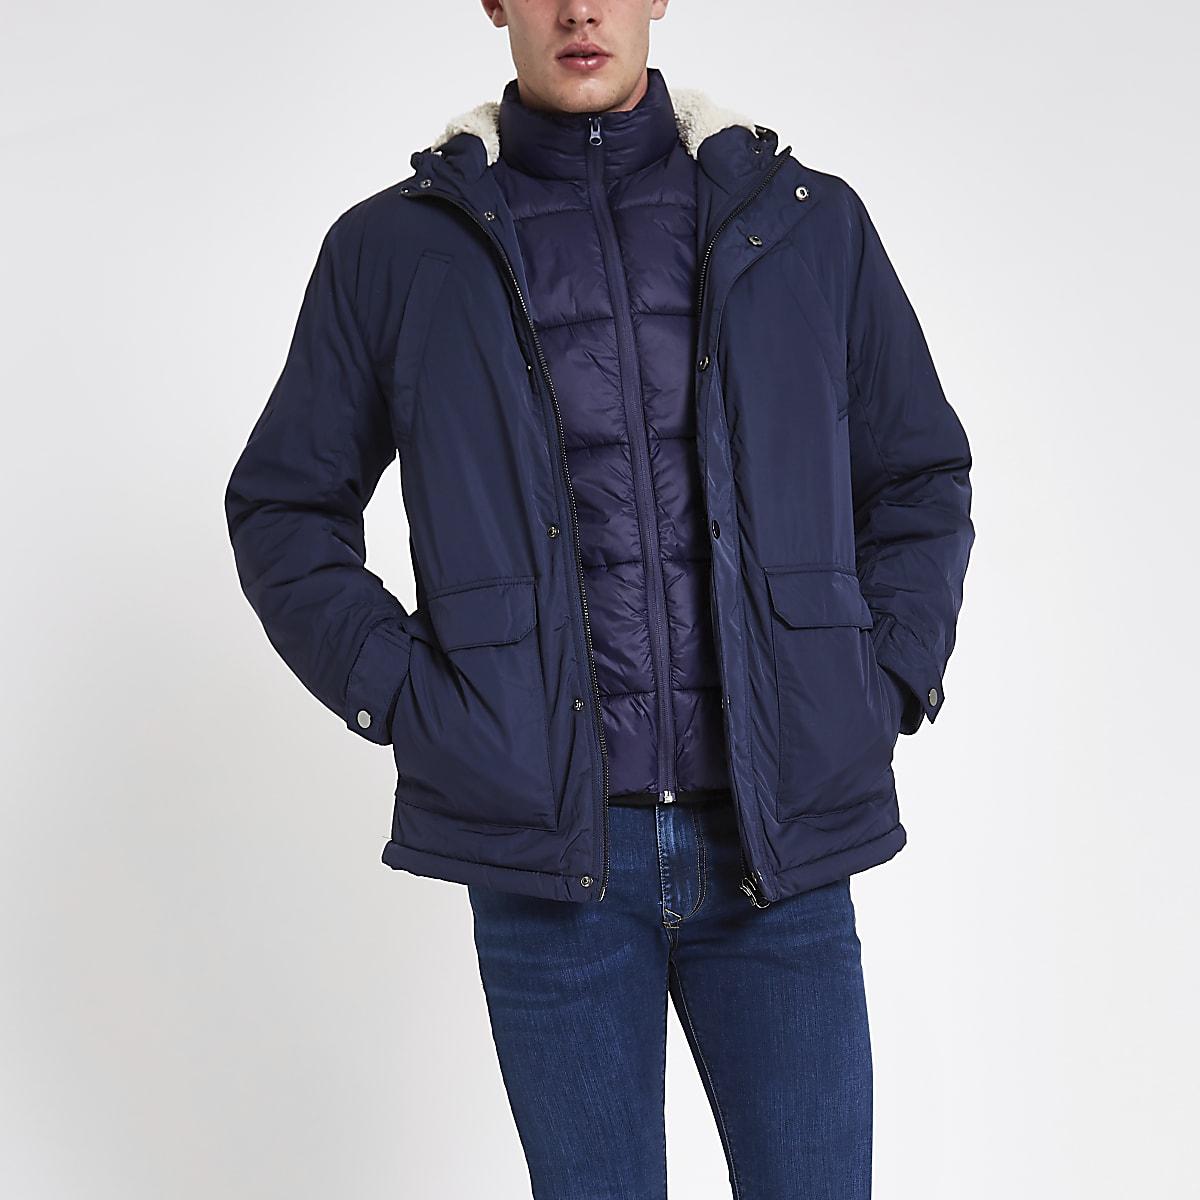 e39452904f1 Navy hooded borg lined jacket - Jackets - Coats   Jackets - men